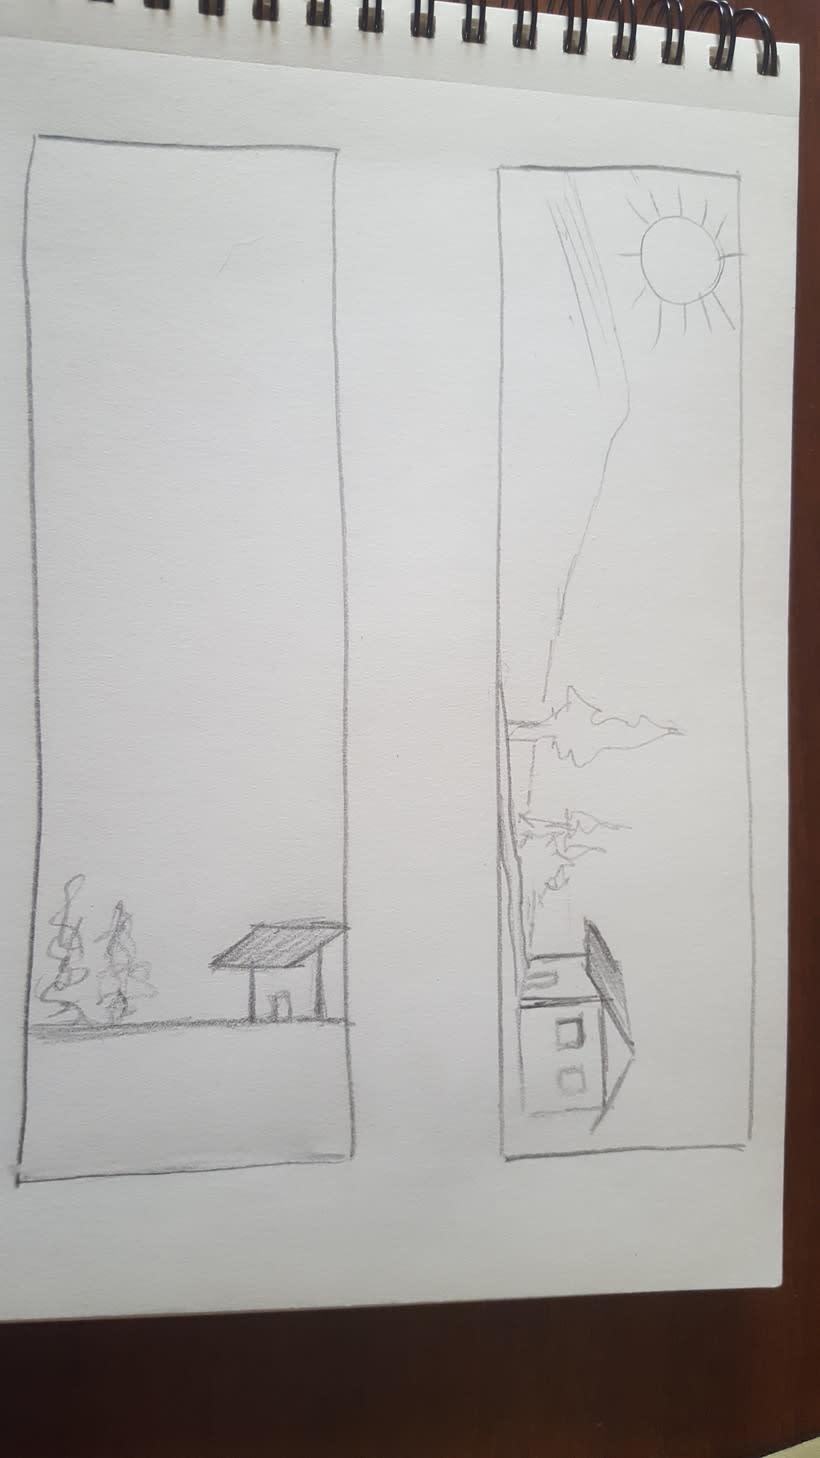 personaje y paisaje en horizontal y vertical pillo 0